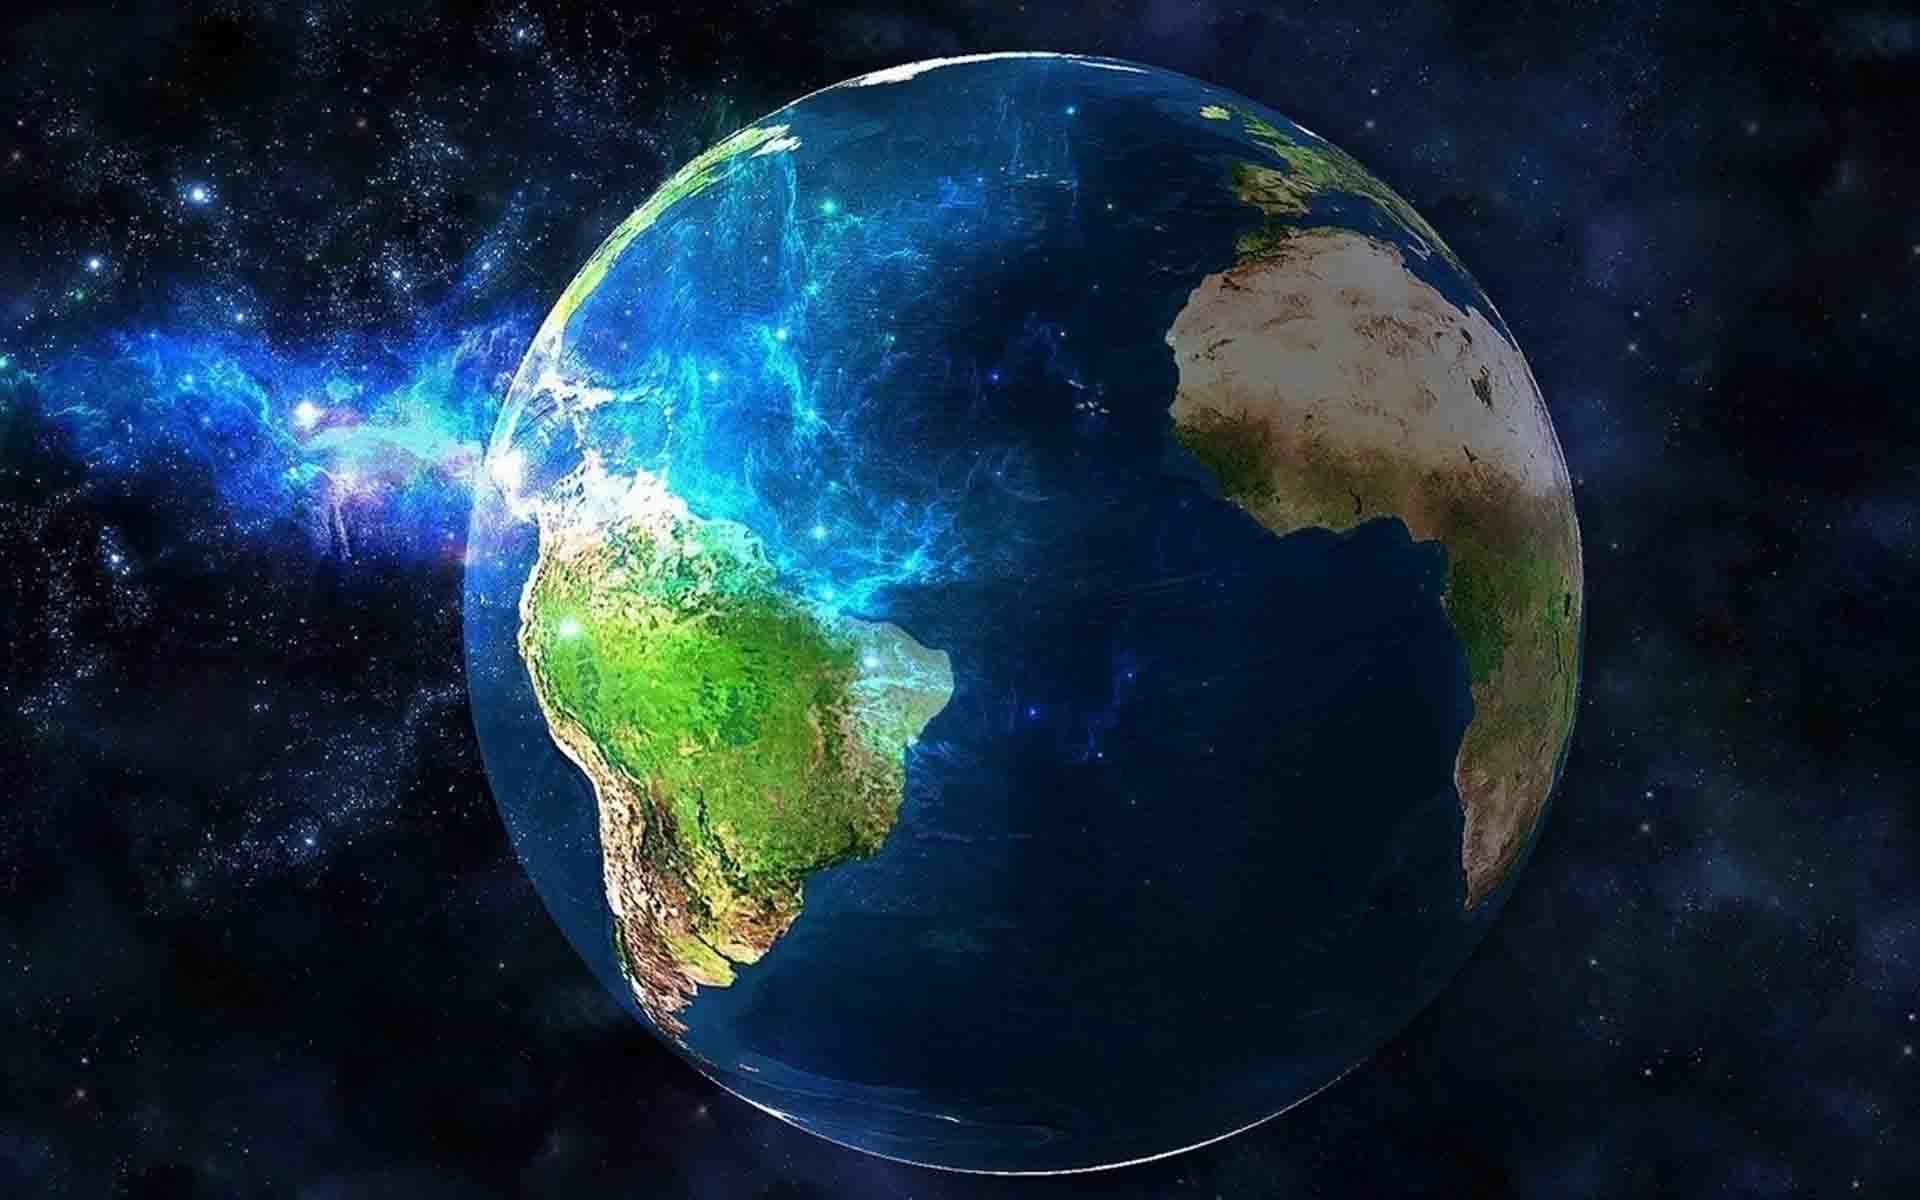 Blue Earth Hd Wallpaper Wallpaper Earth Earth From Space Earth Hd